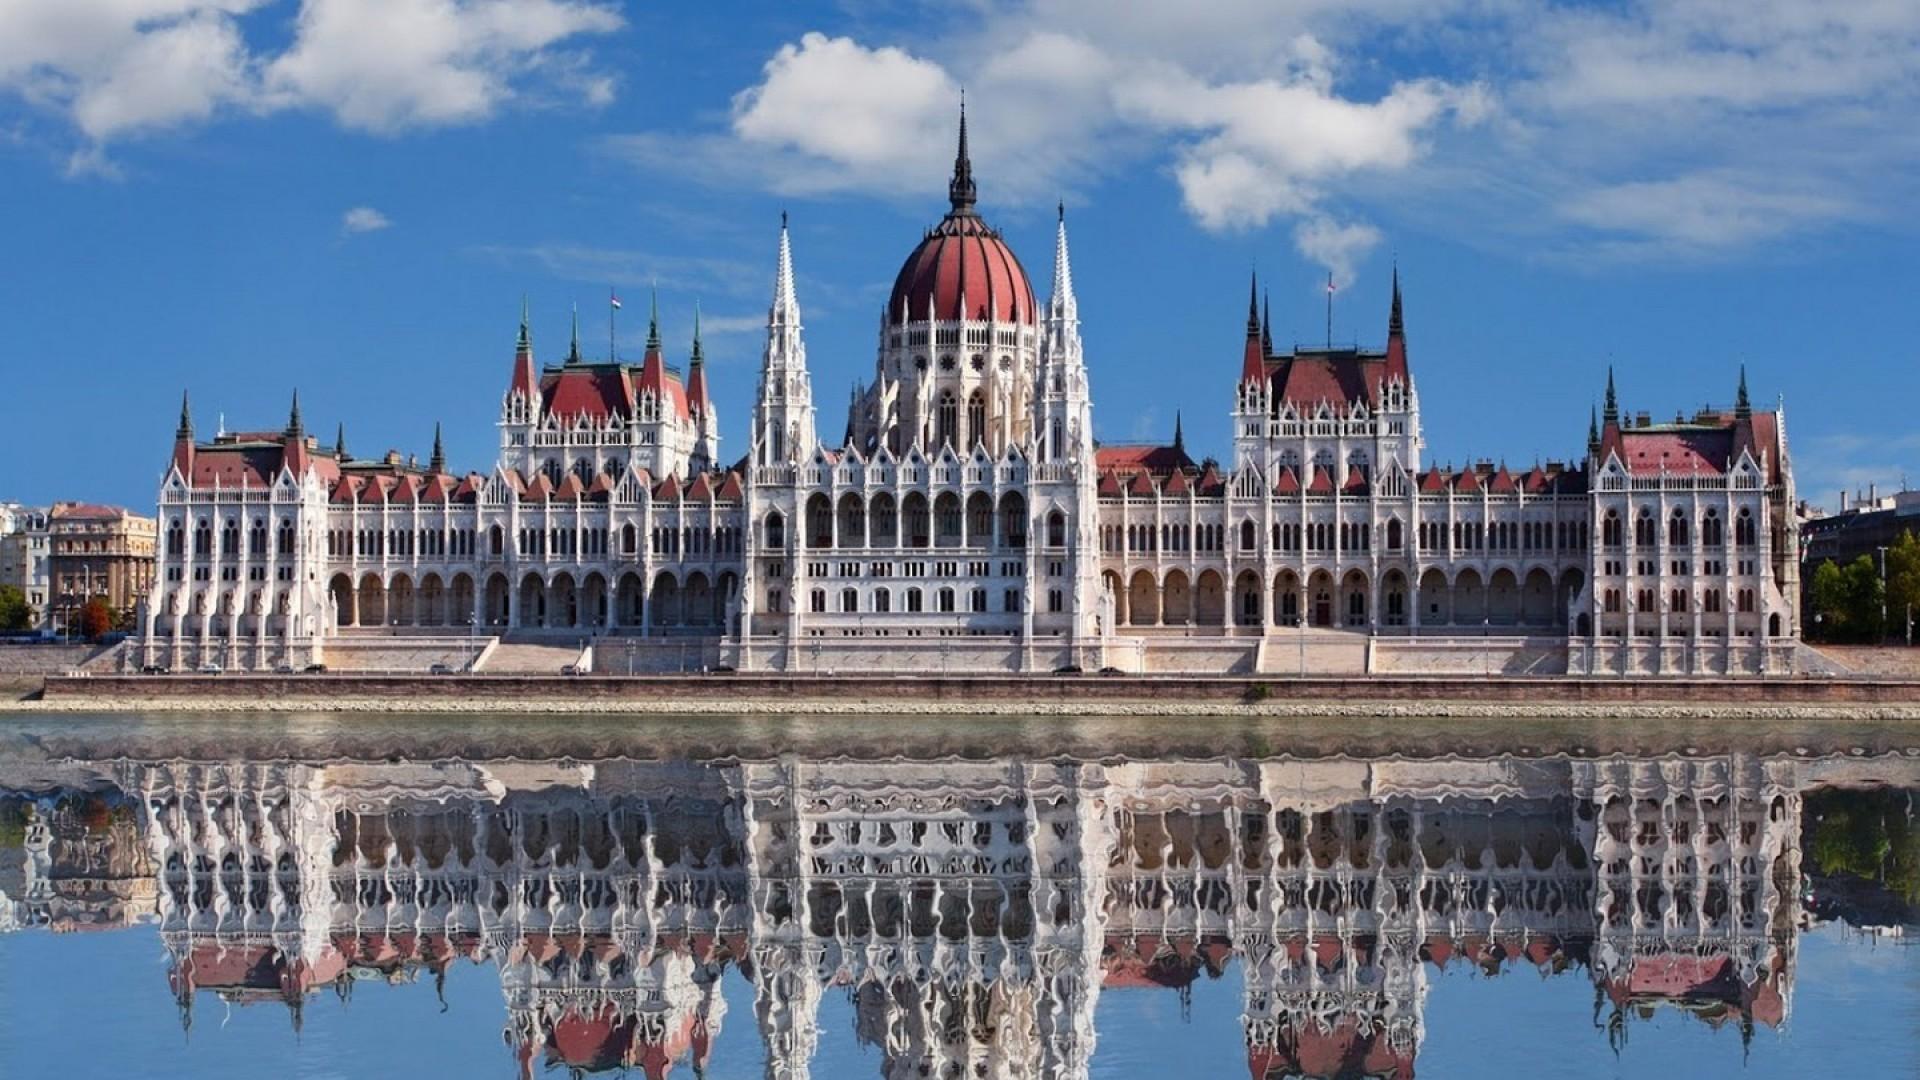 budapest parliament hd wallpaper